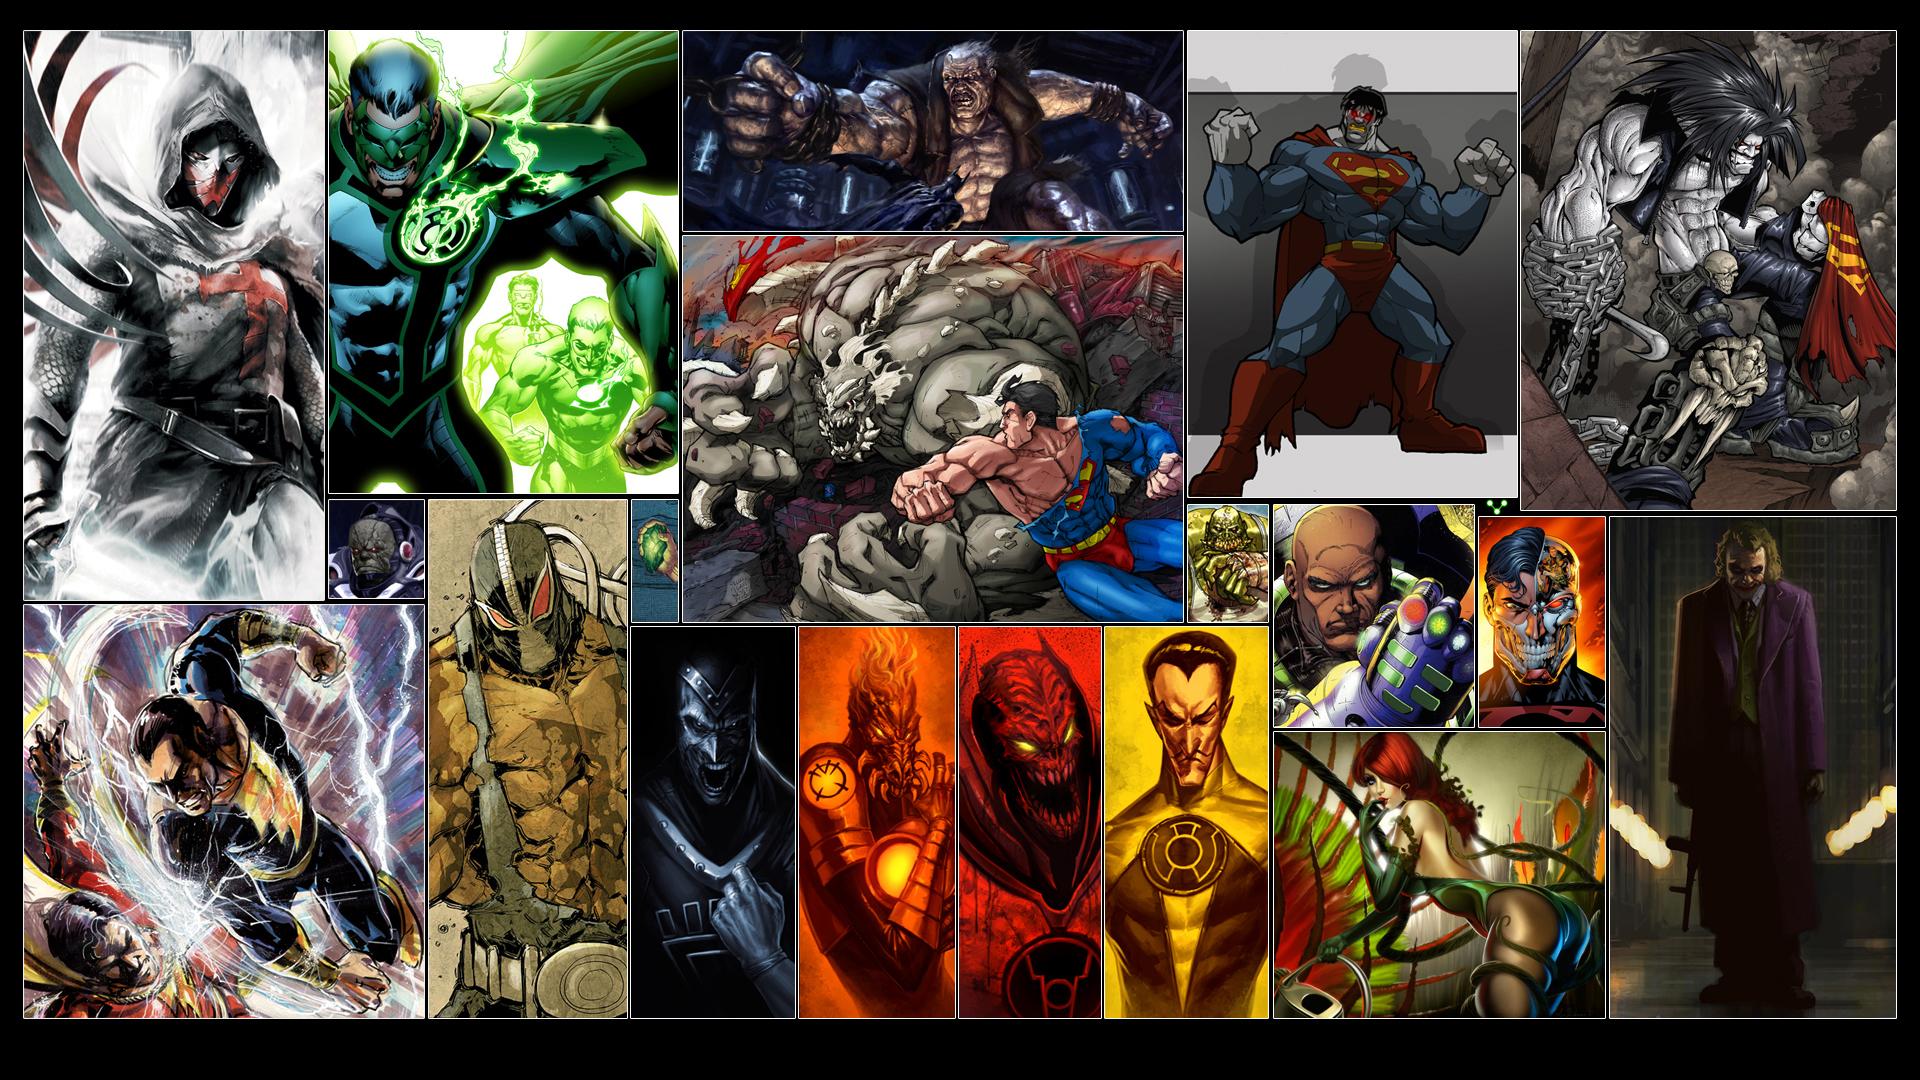 dc_comics_super_villains_by_gt_orphan-d4ecgzp.jpg